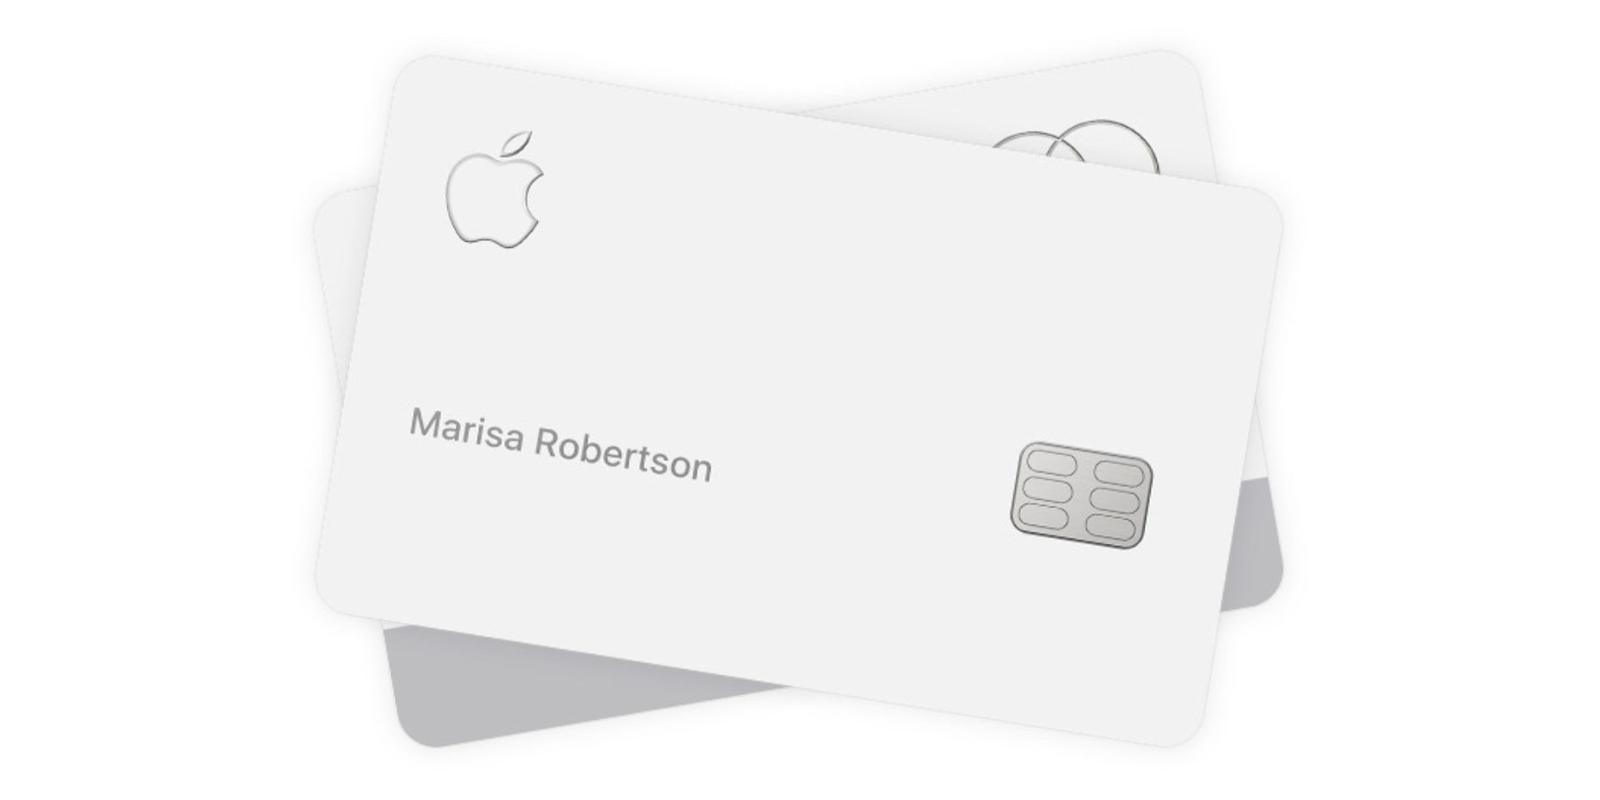 apple card coinbase